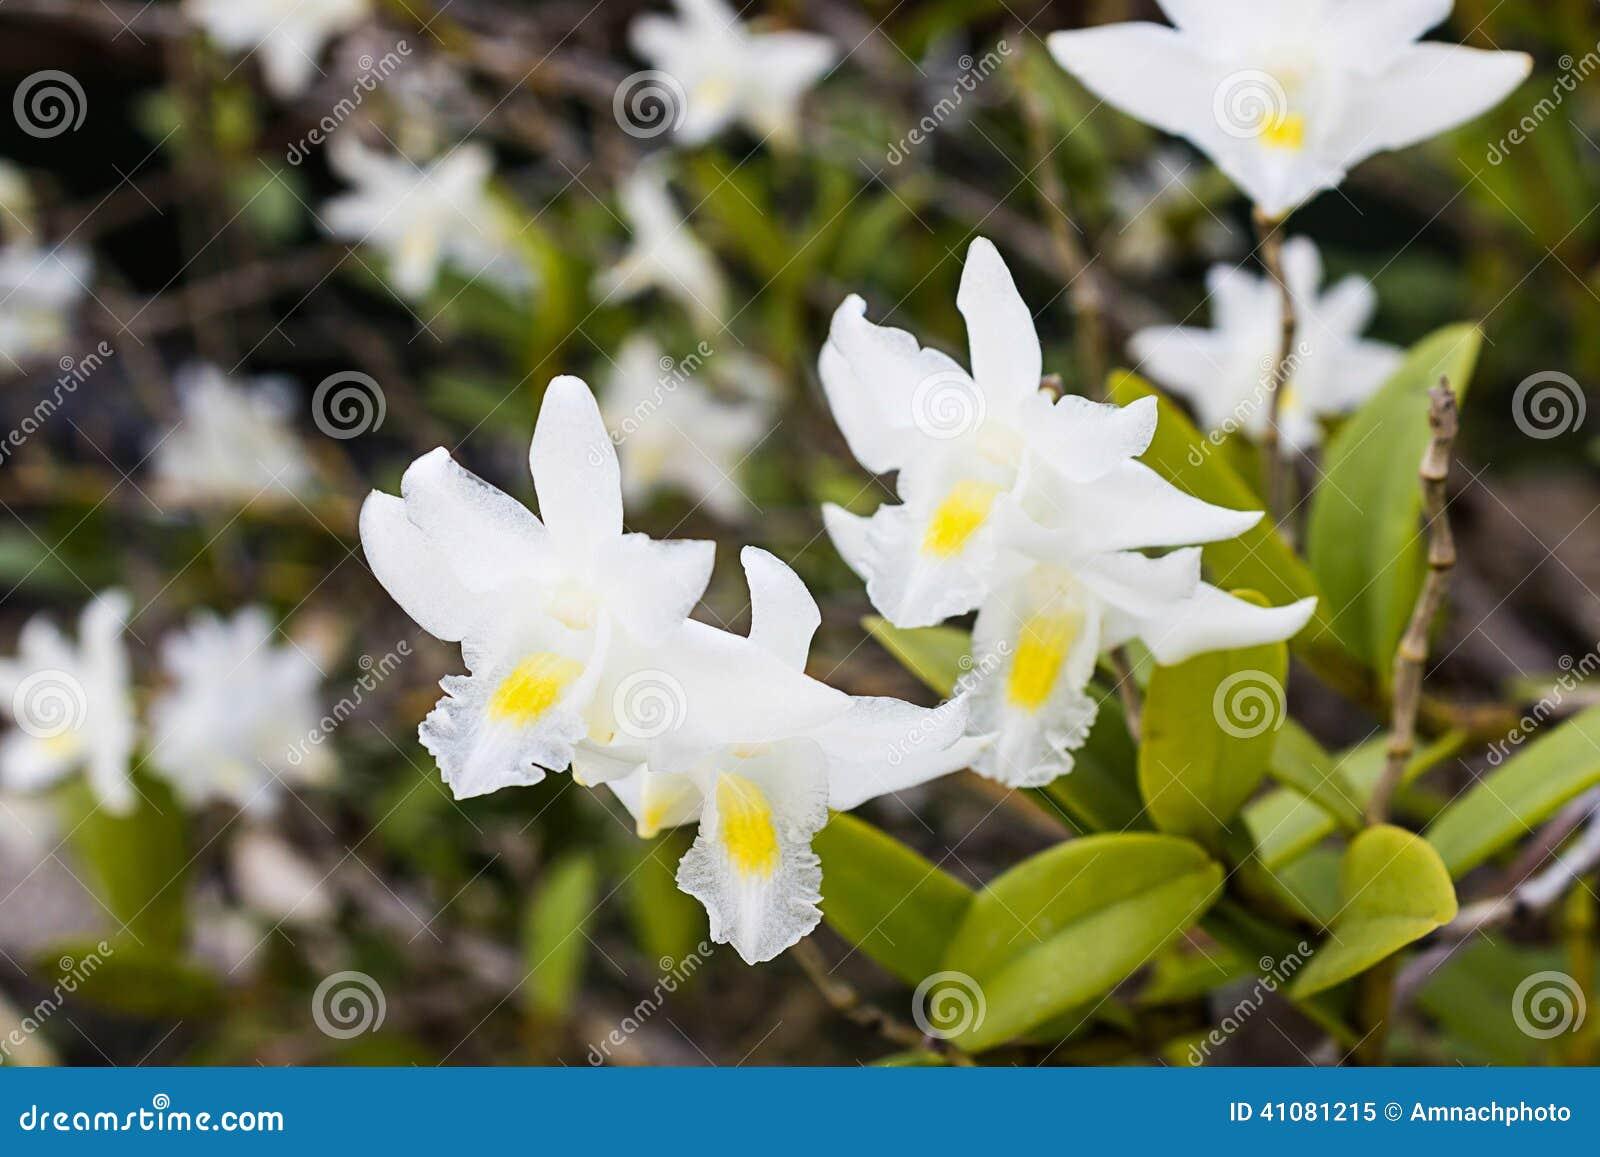 fleur blanche d 39 orchid e sur l 39 arbre crumenatum de dendrobium photo stock image 41081215. Black Bedroom Furniture Sets. Home Design Ideas